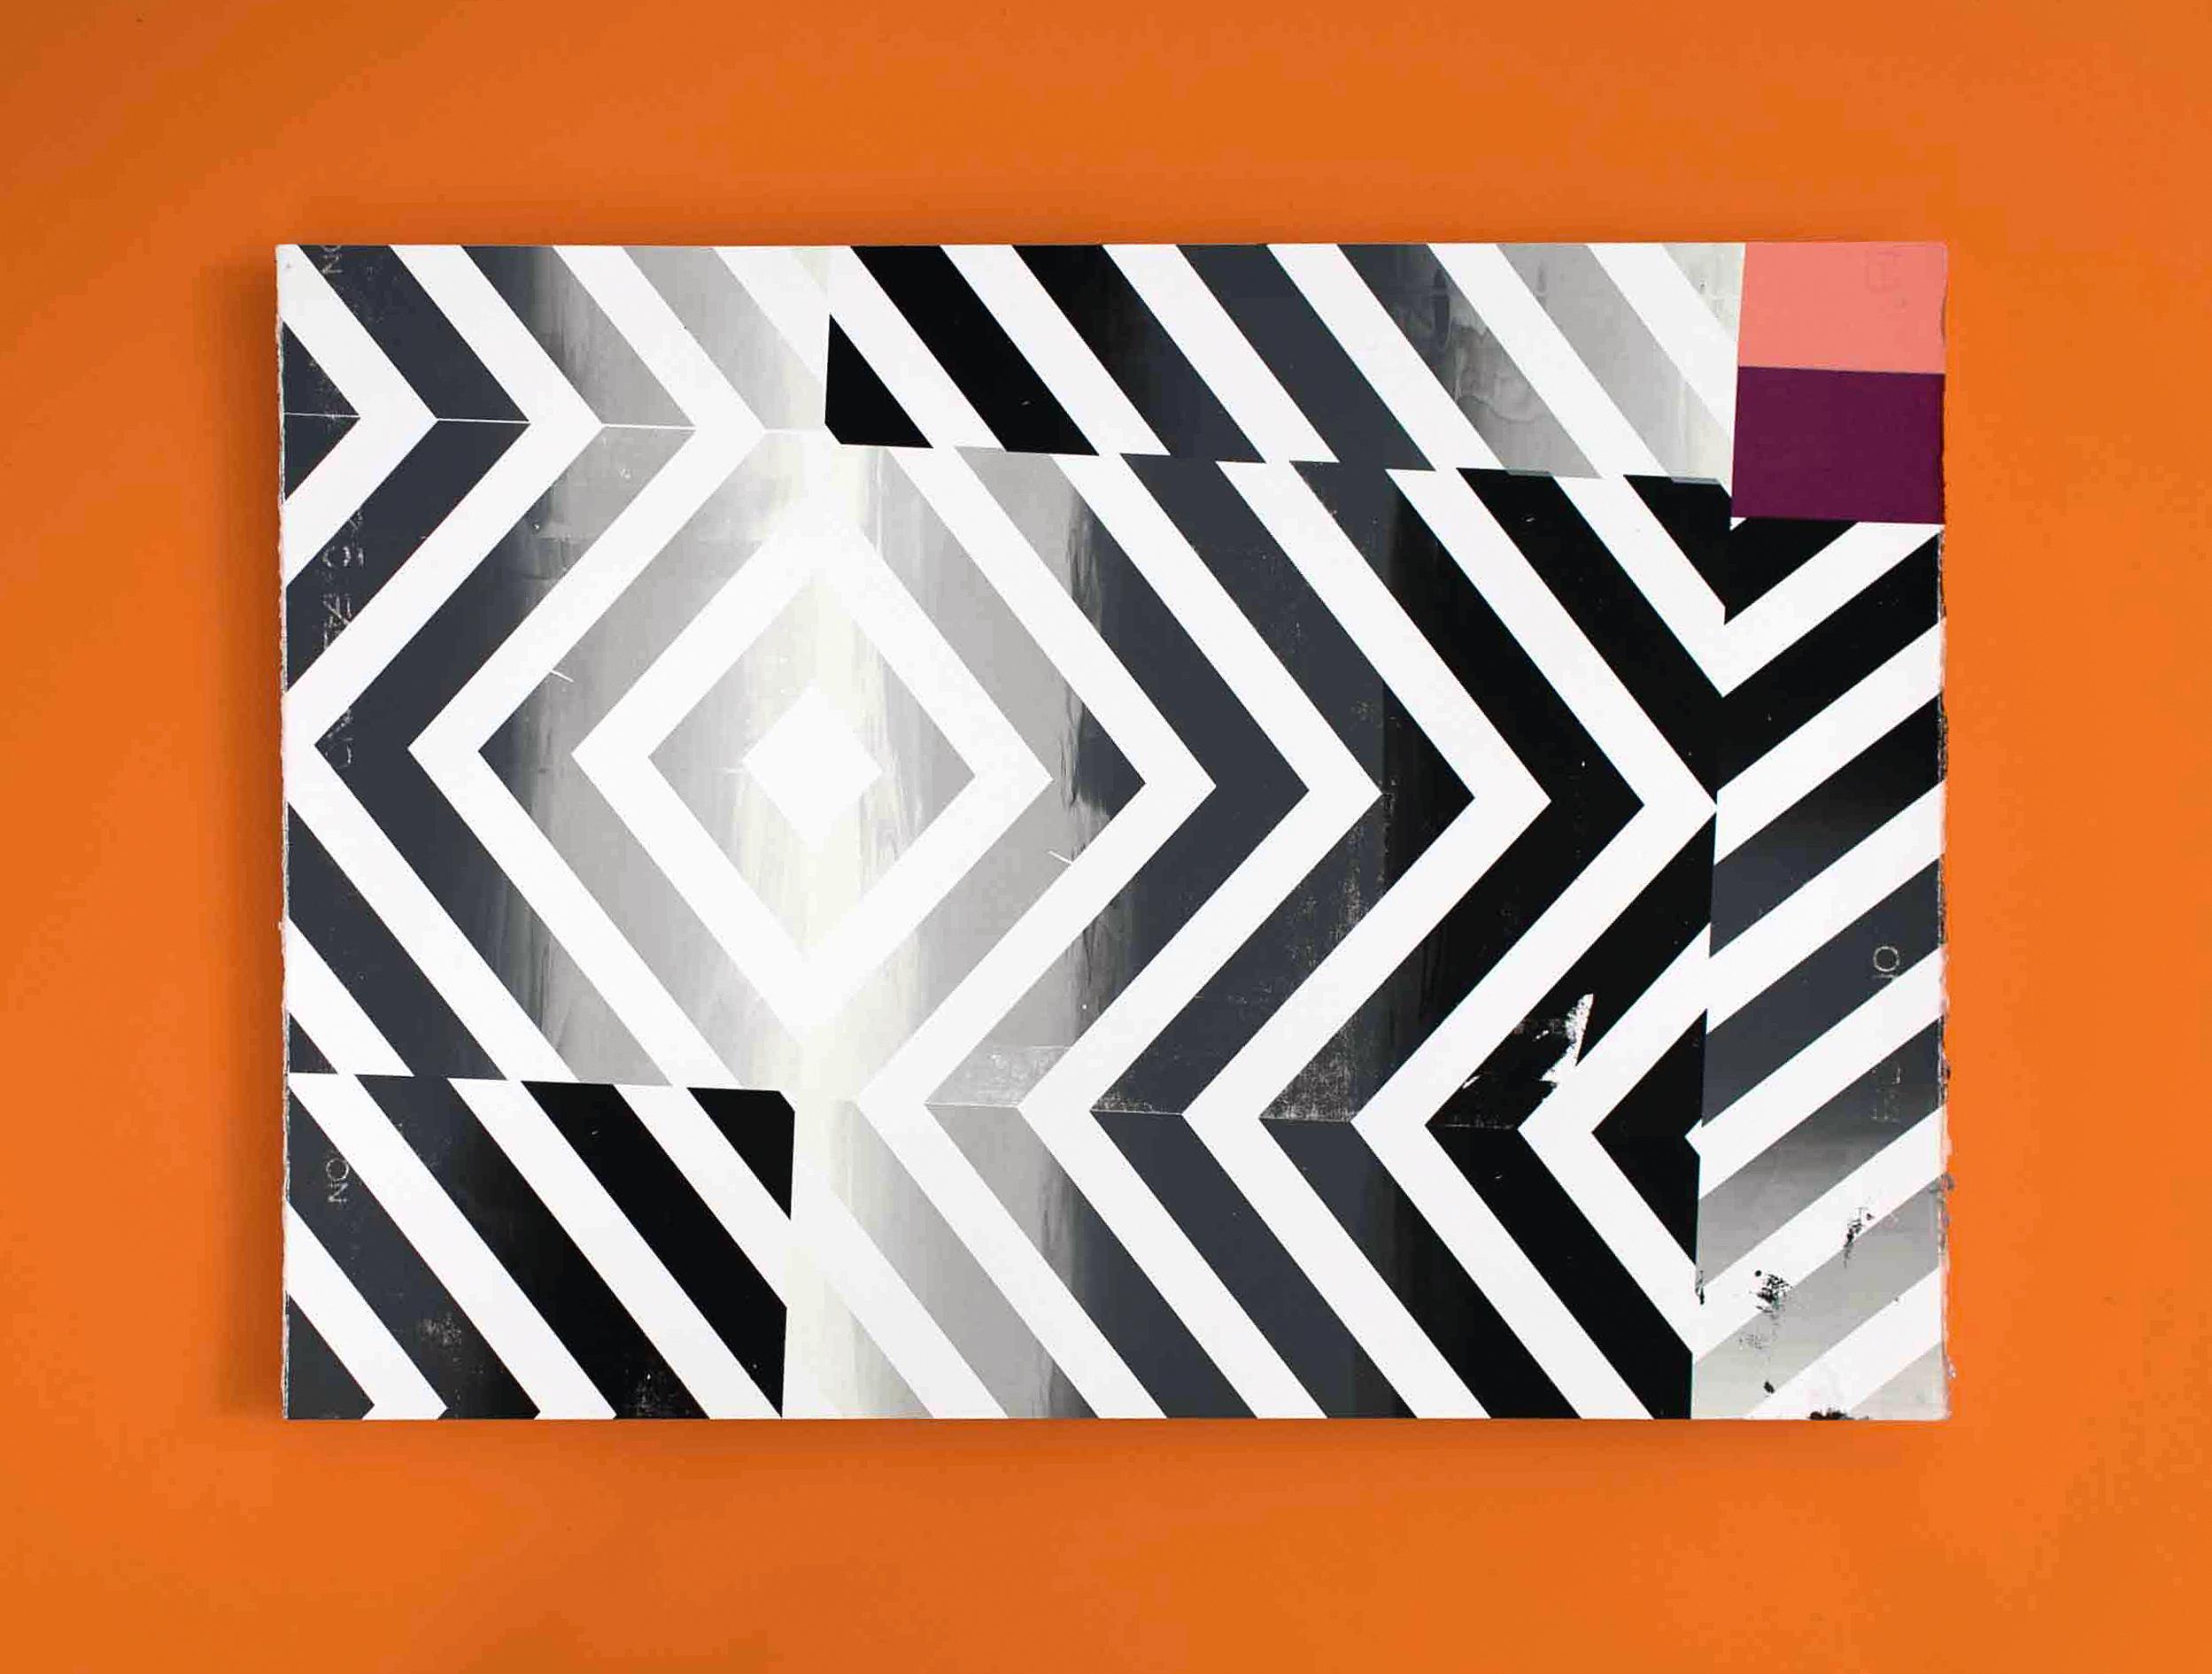 Chevron   Screenprint on 300gsm Fabriano 5 Paper  50x70cm  Edition: 1  POA